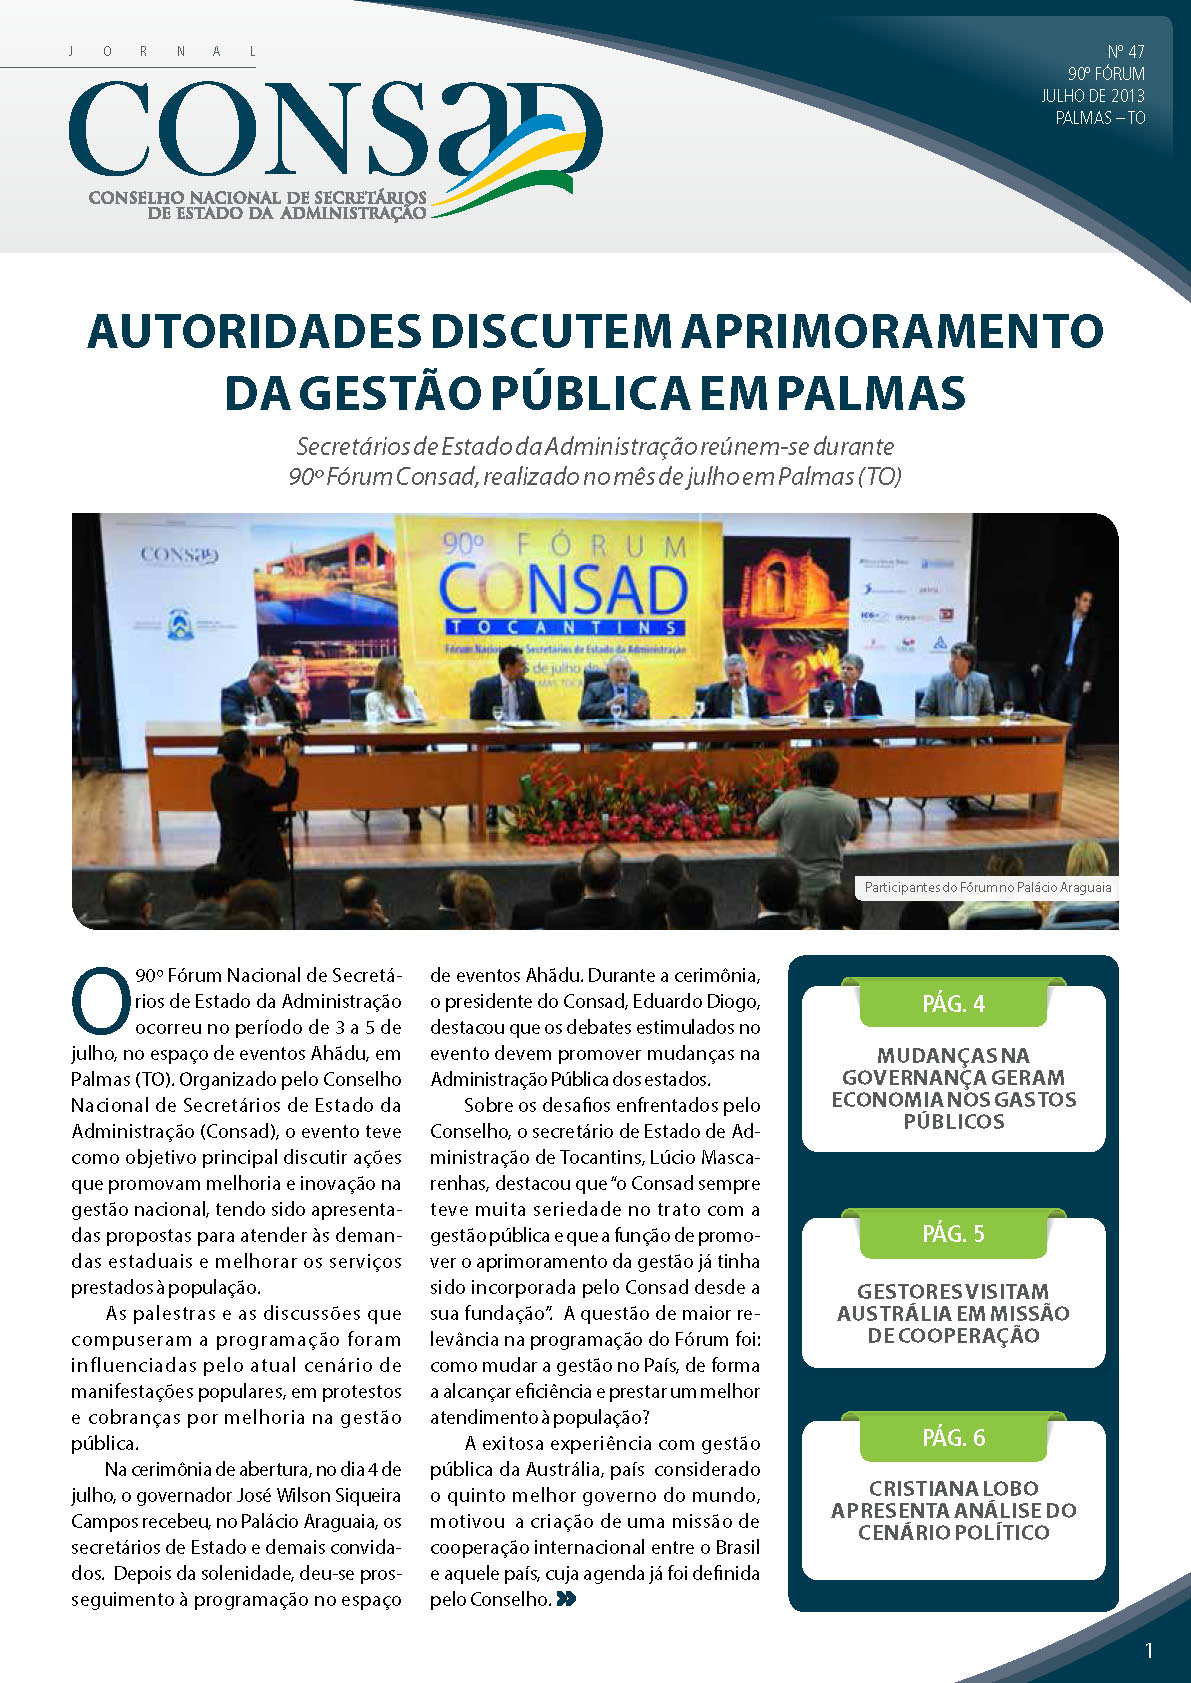 Jornal do Consad Número 47 – Julho de 2013